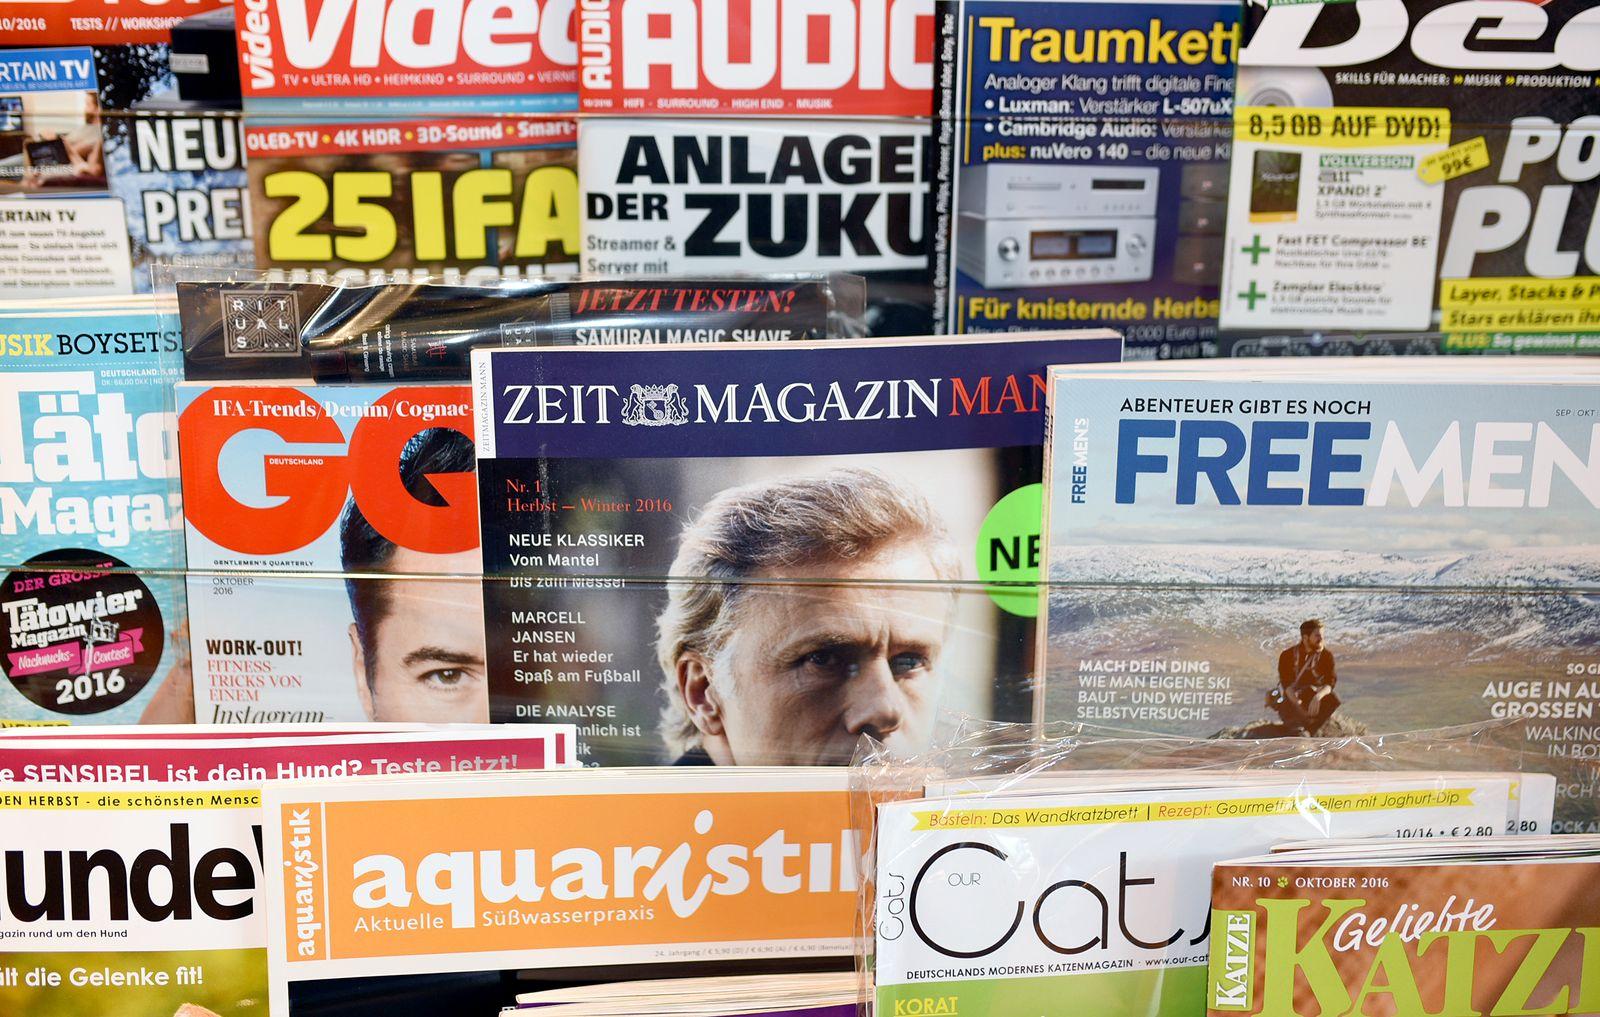 Zeitmagazin Mann